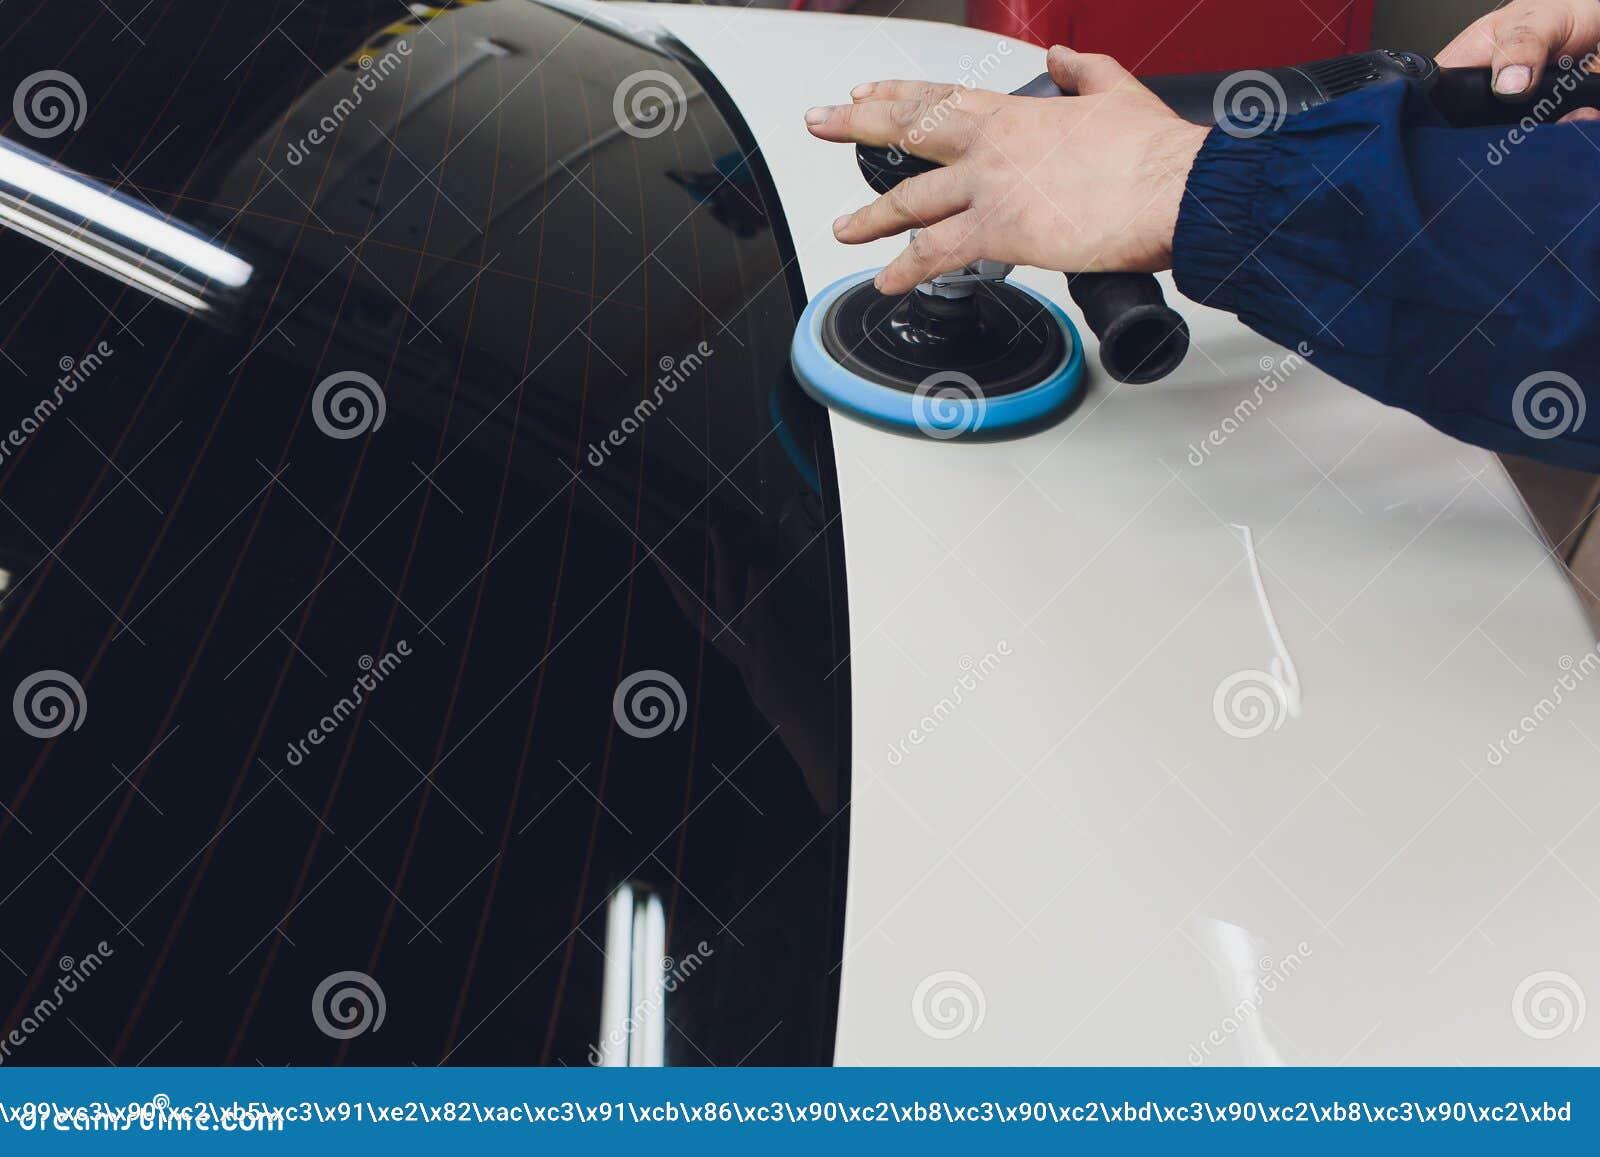 Detalle del coche - manos con el pulidor orbital en taller de reparaciones auto Foco selectivo